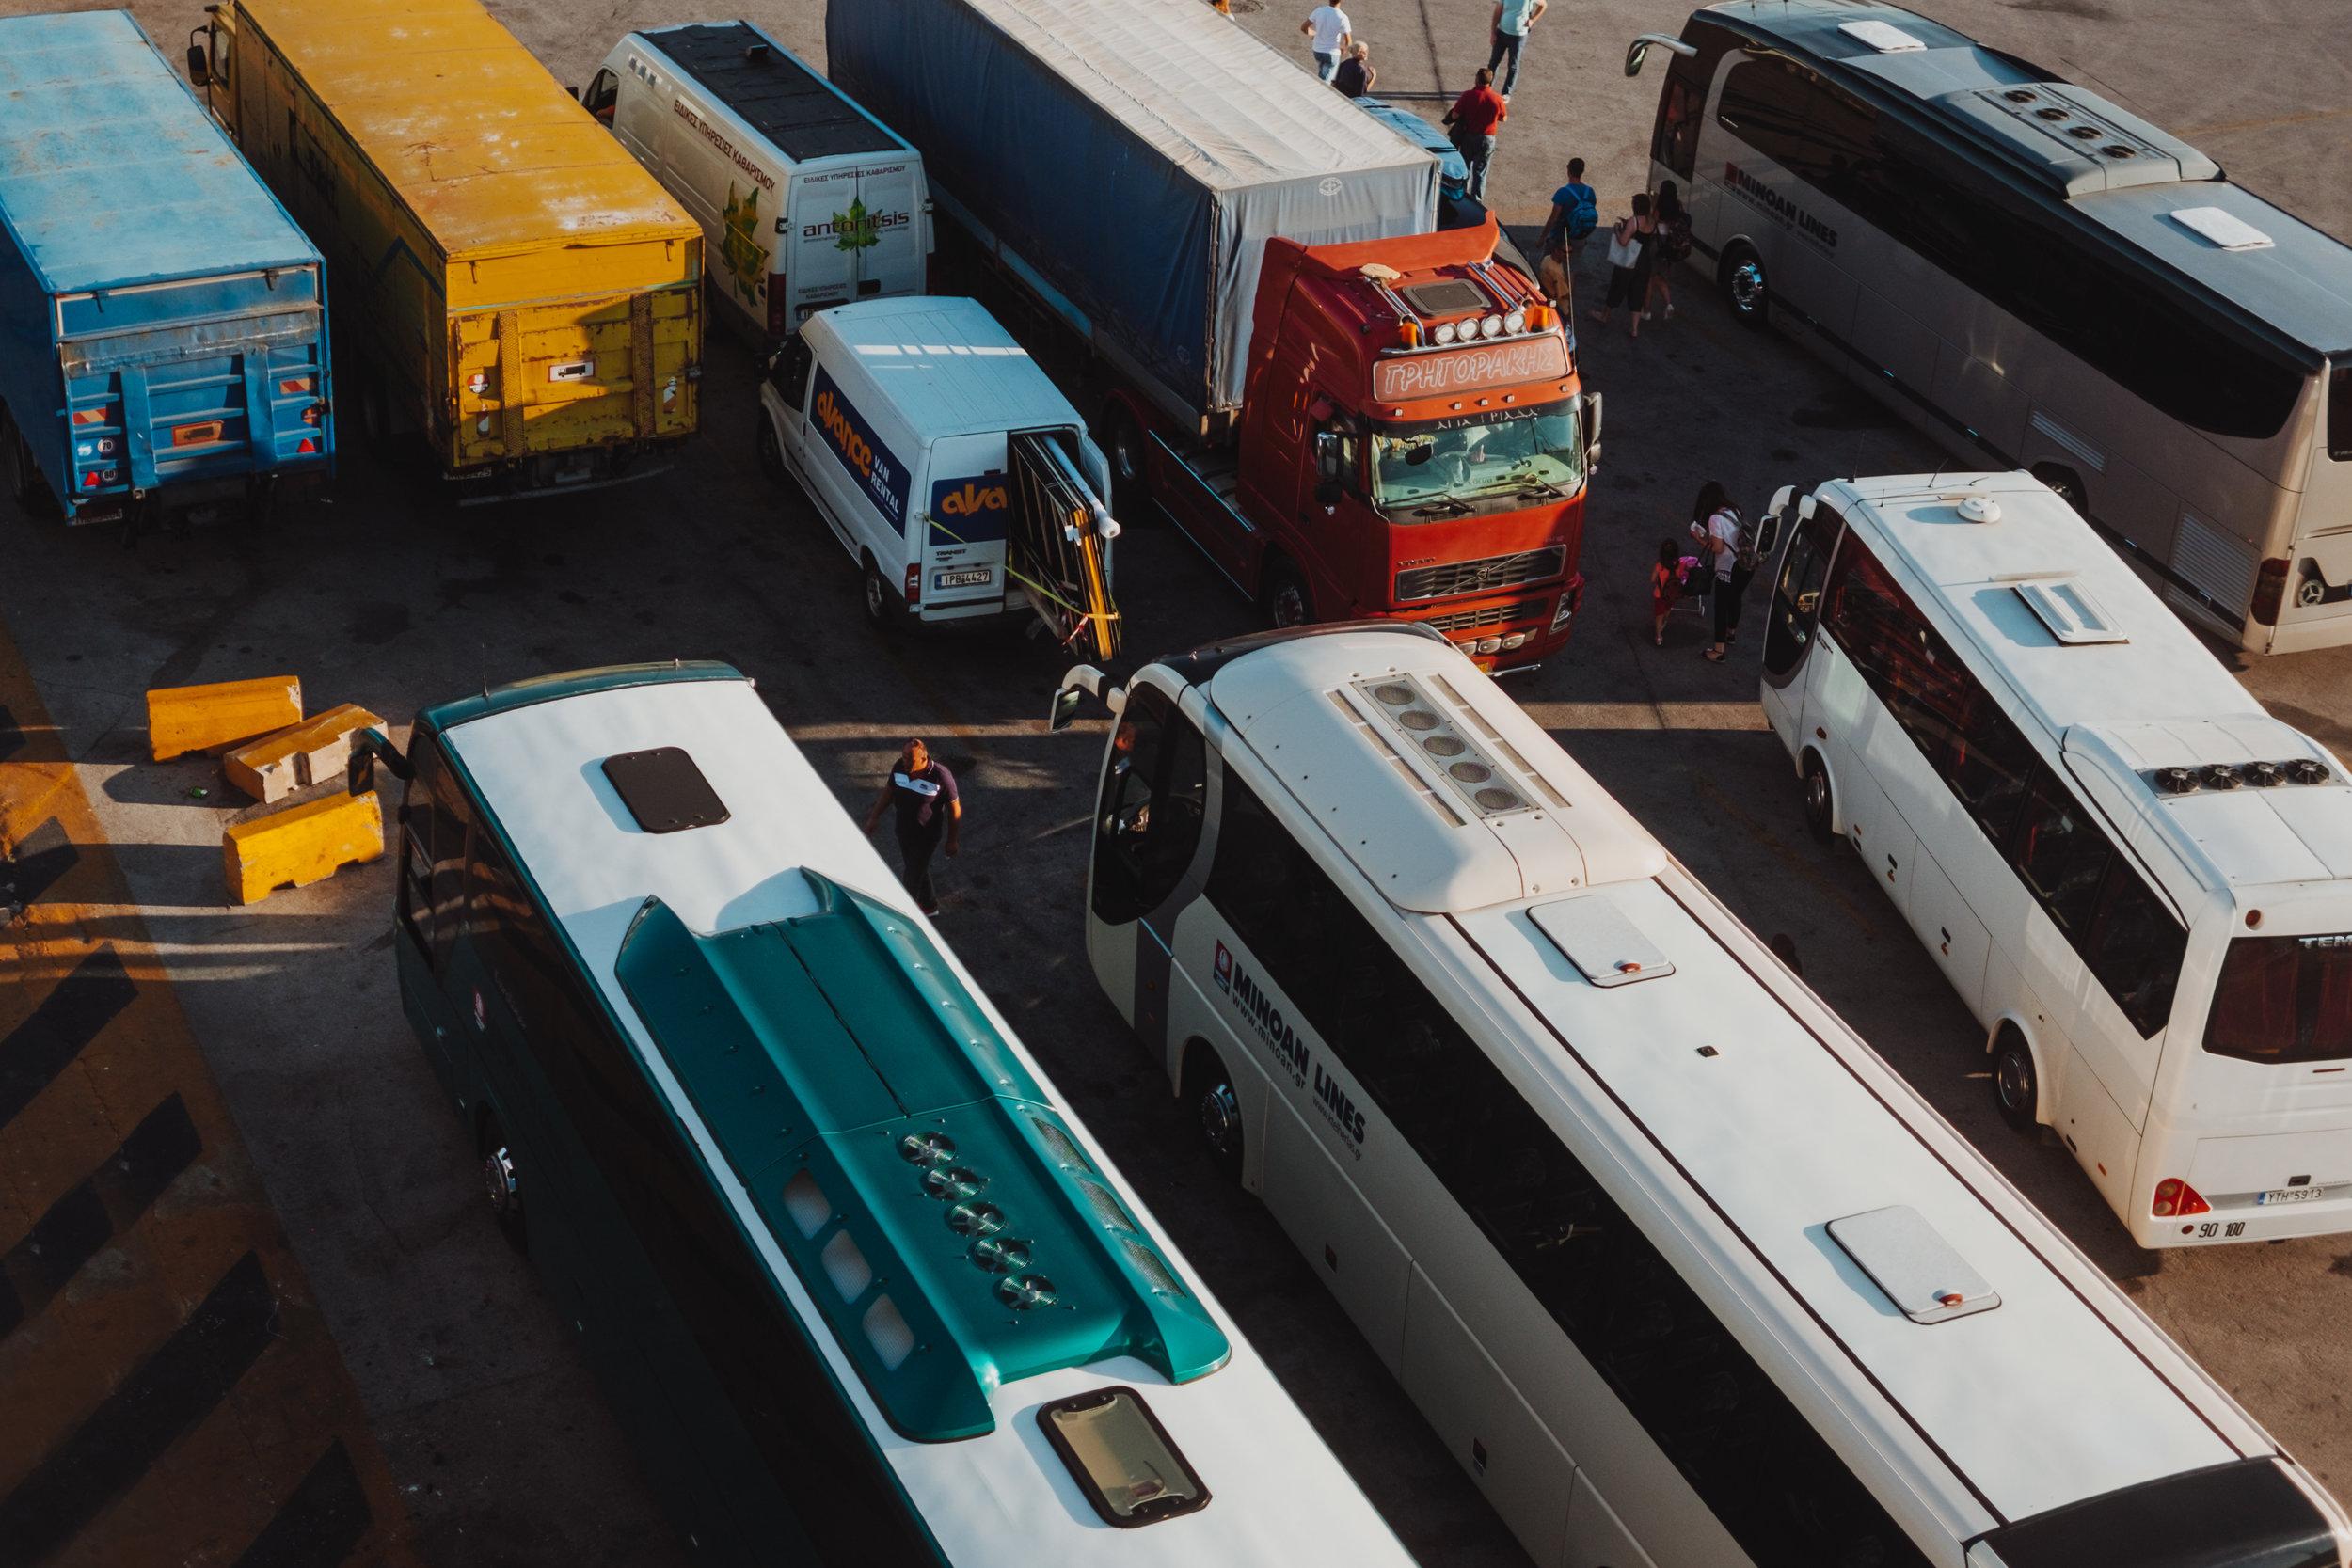 Buses at Piraeus